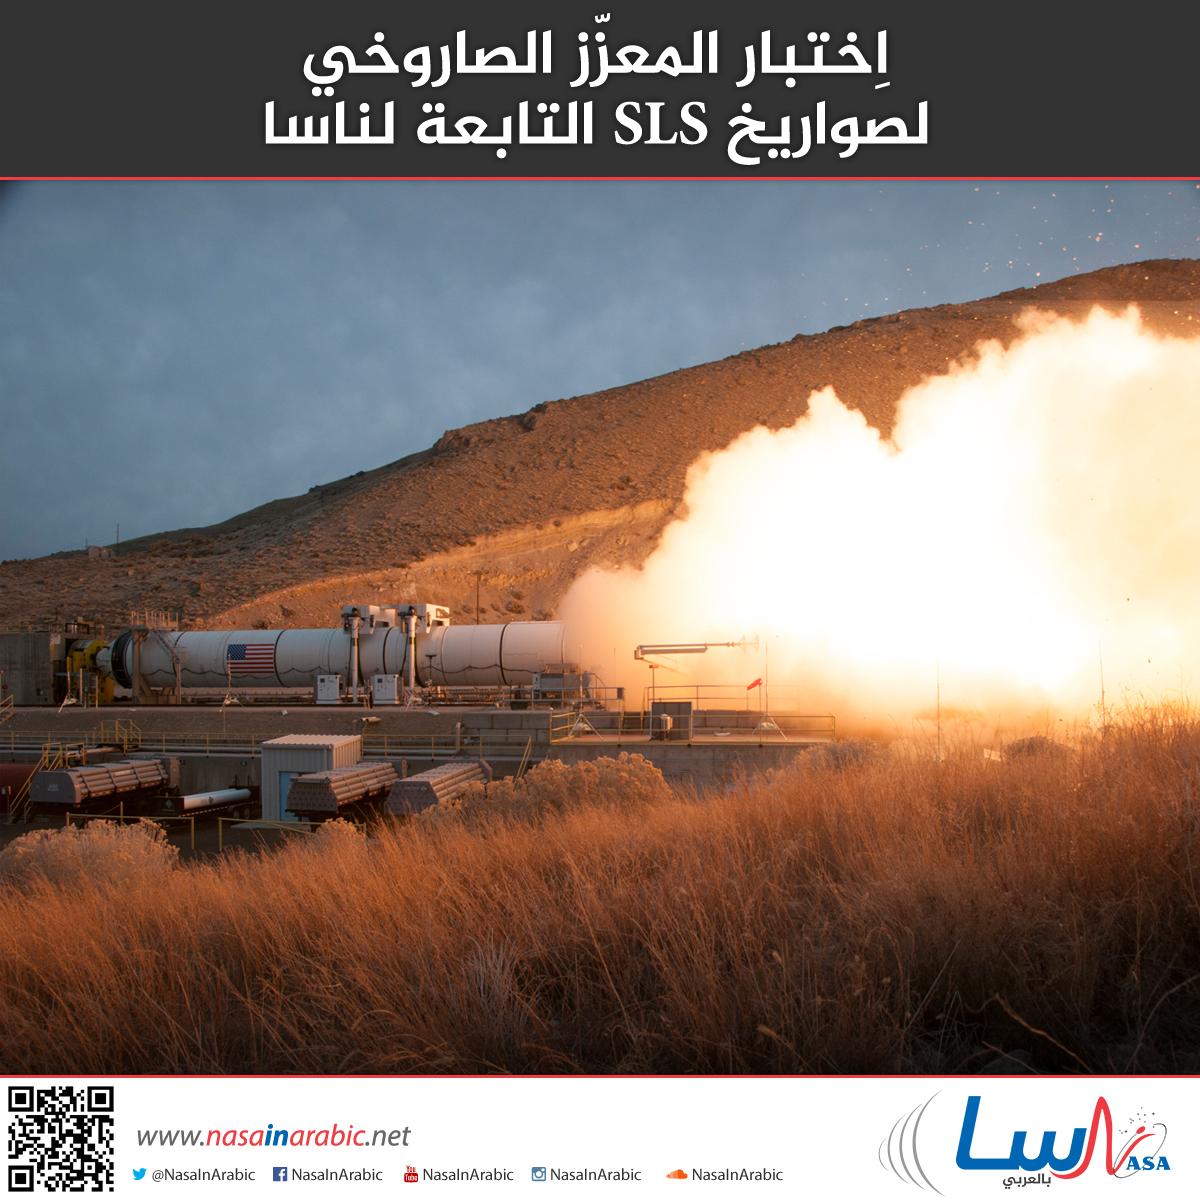 اِختبار المعزّز الصاروخي لصواريخ SLS التابعة لناسا